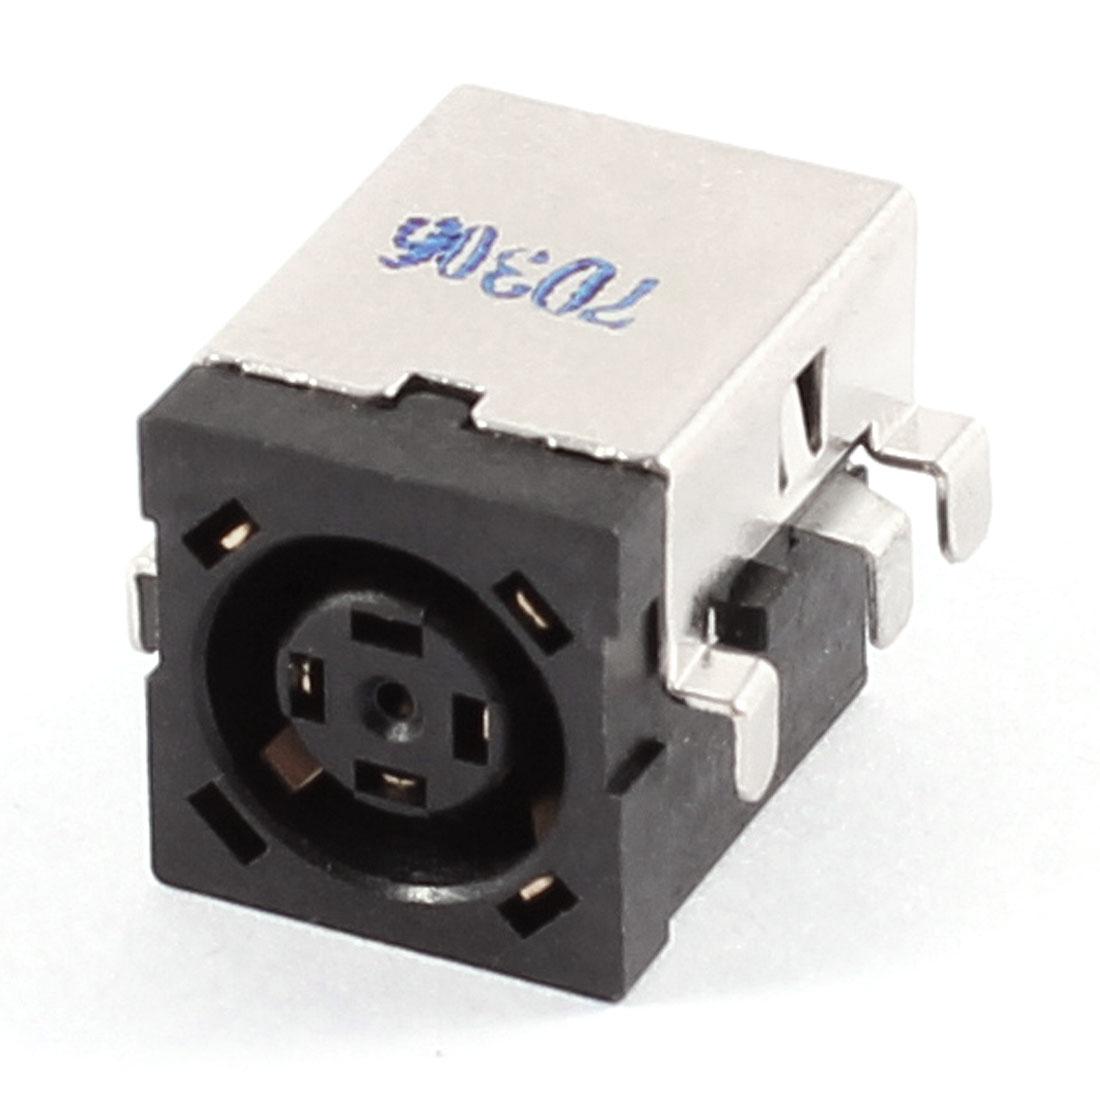 PJ062 DC Power Jack for HP NC8430 NW8440 NW9440 NX7400 NX8420 NX9410 NX9420